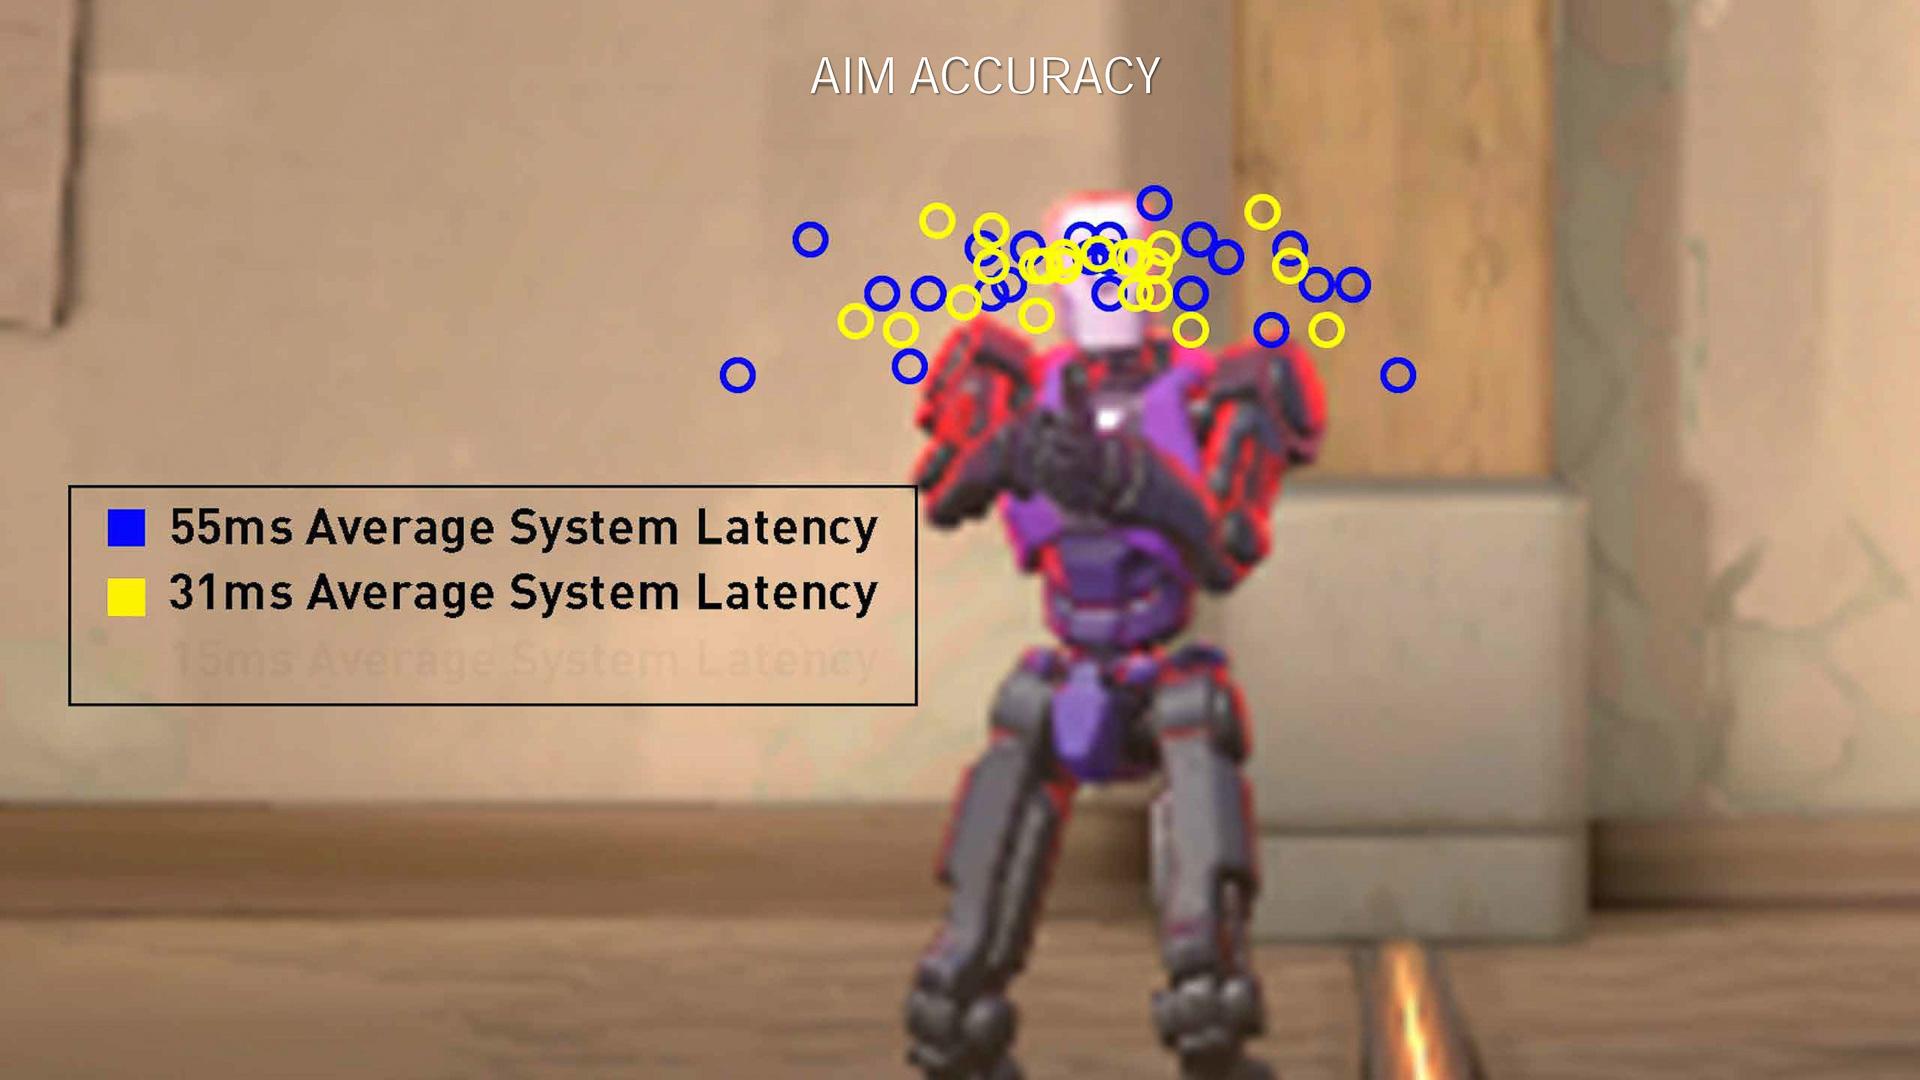 レイテンシが大きければ大きいほど照準と弾が発射されるまでのズレが大きくなるので射撃の正確性が落ちる